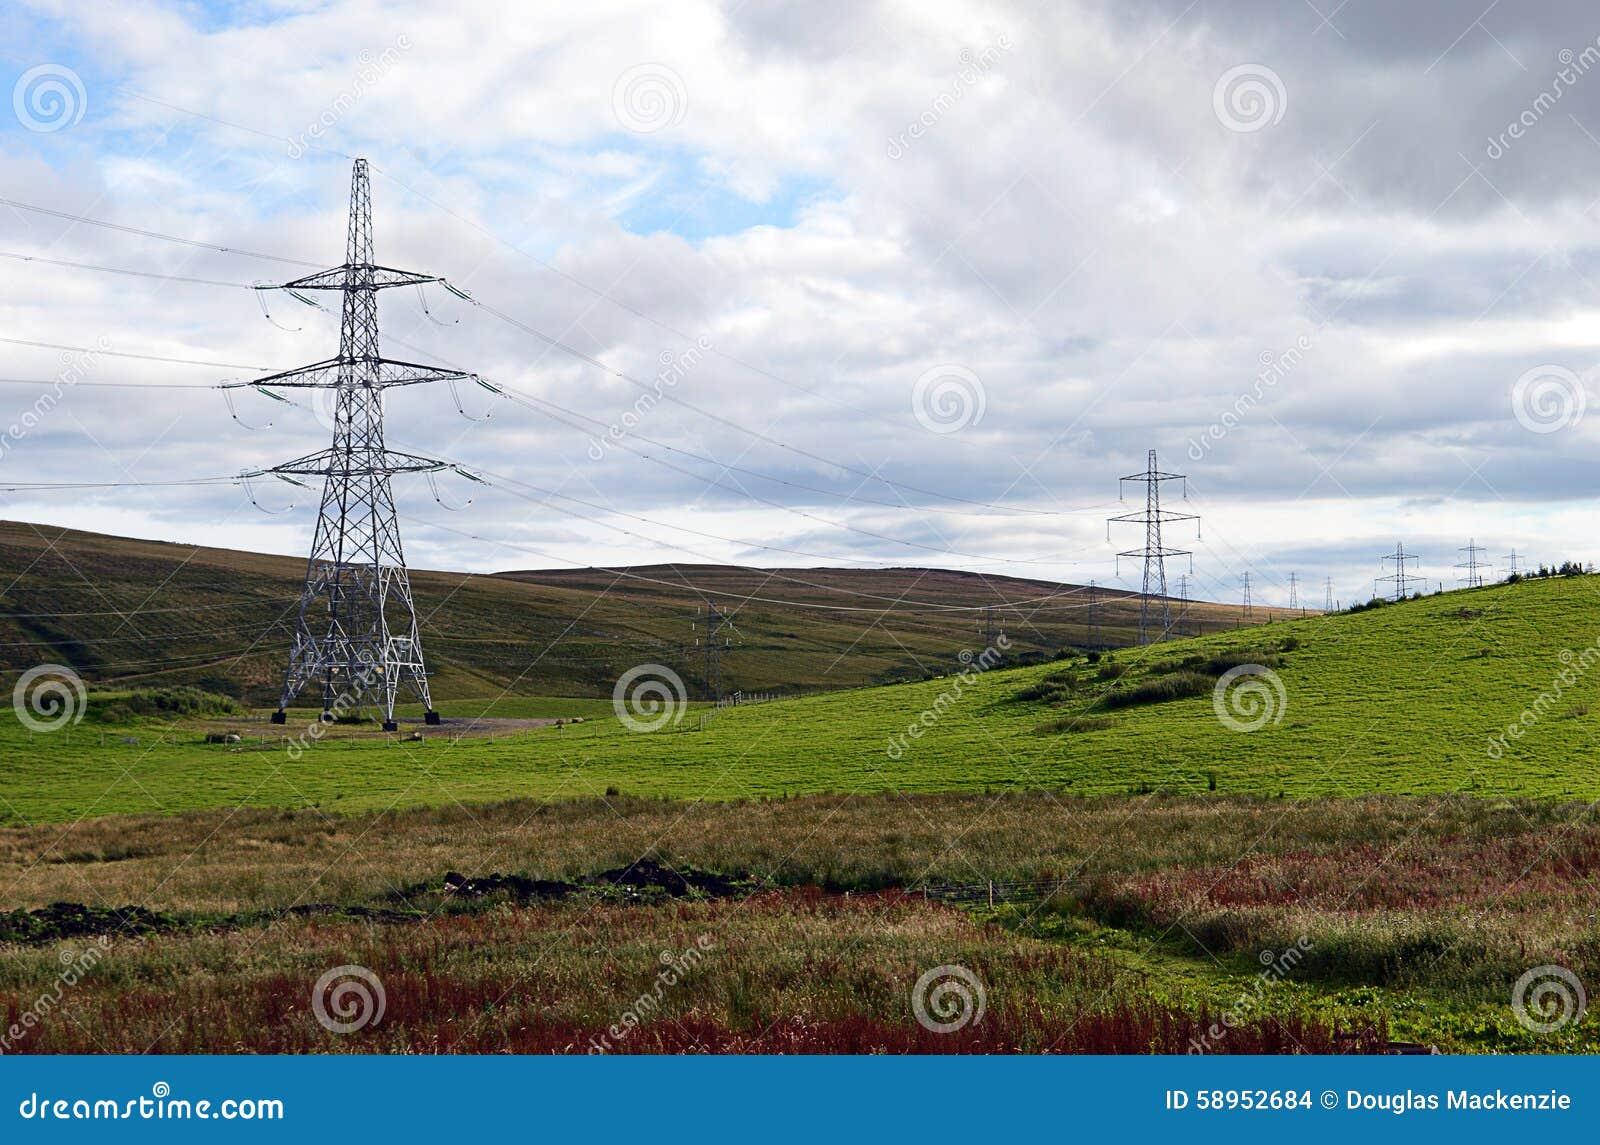 Electricity Pylons In Scottish Beauty Spot Stock Photo ...